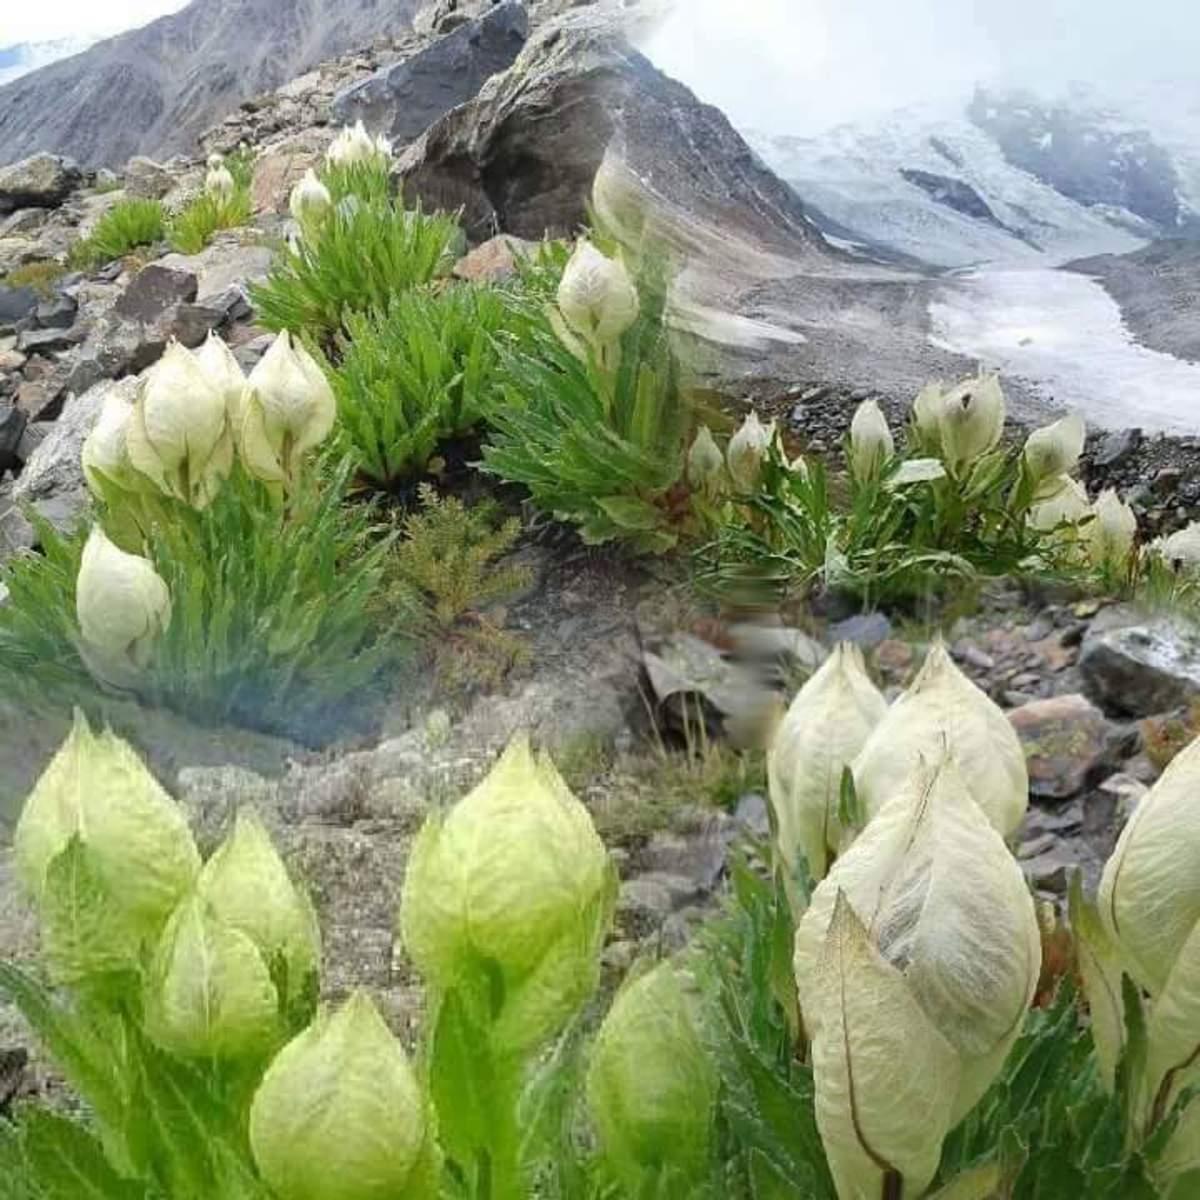 Braham Kamal found at the highest peaks Kinnaur